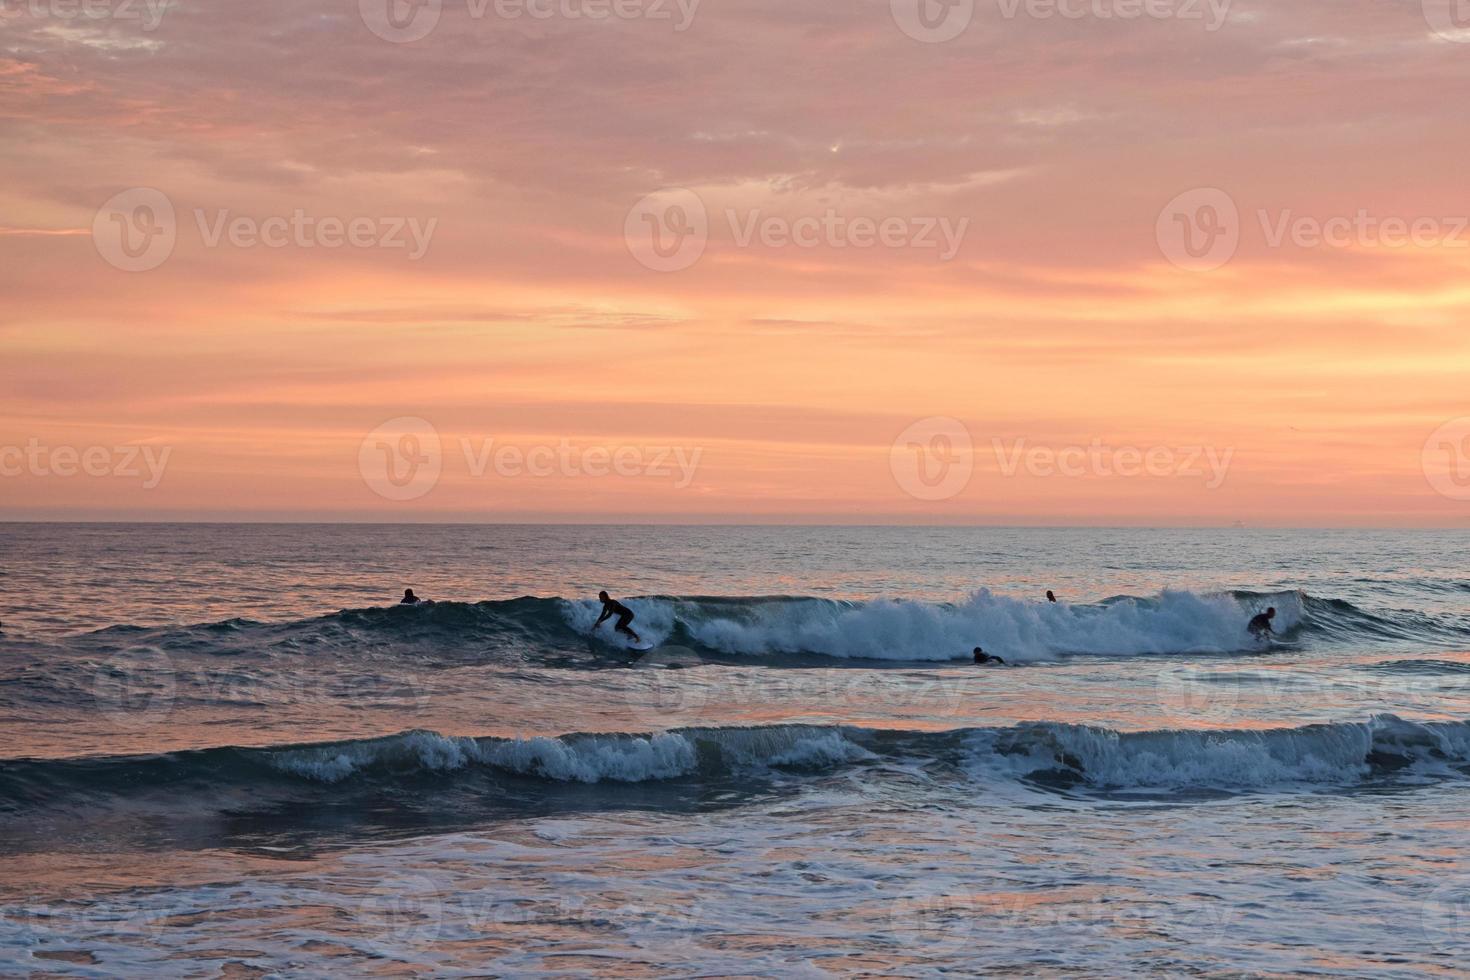 Newport Beach Summer Sunset photo